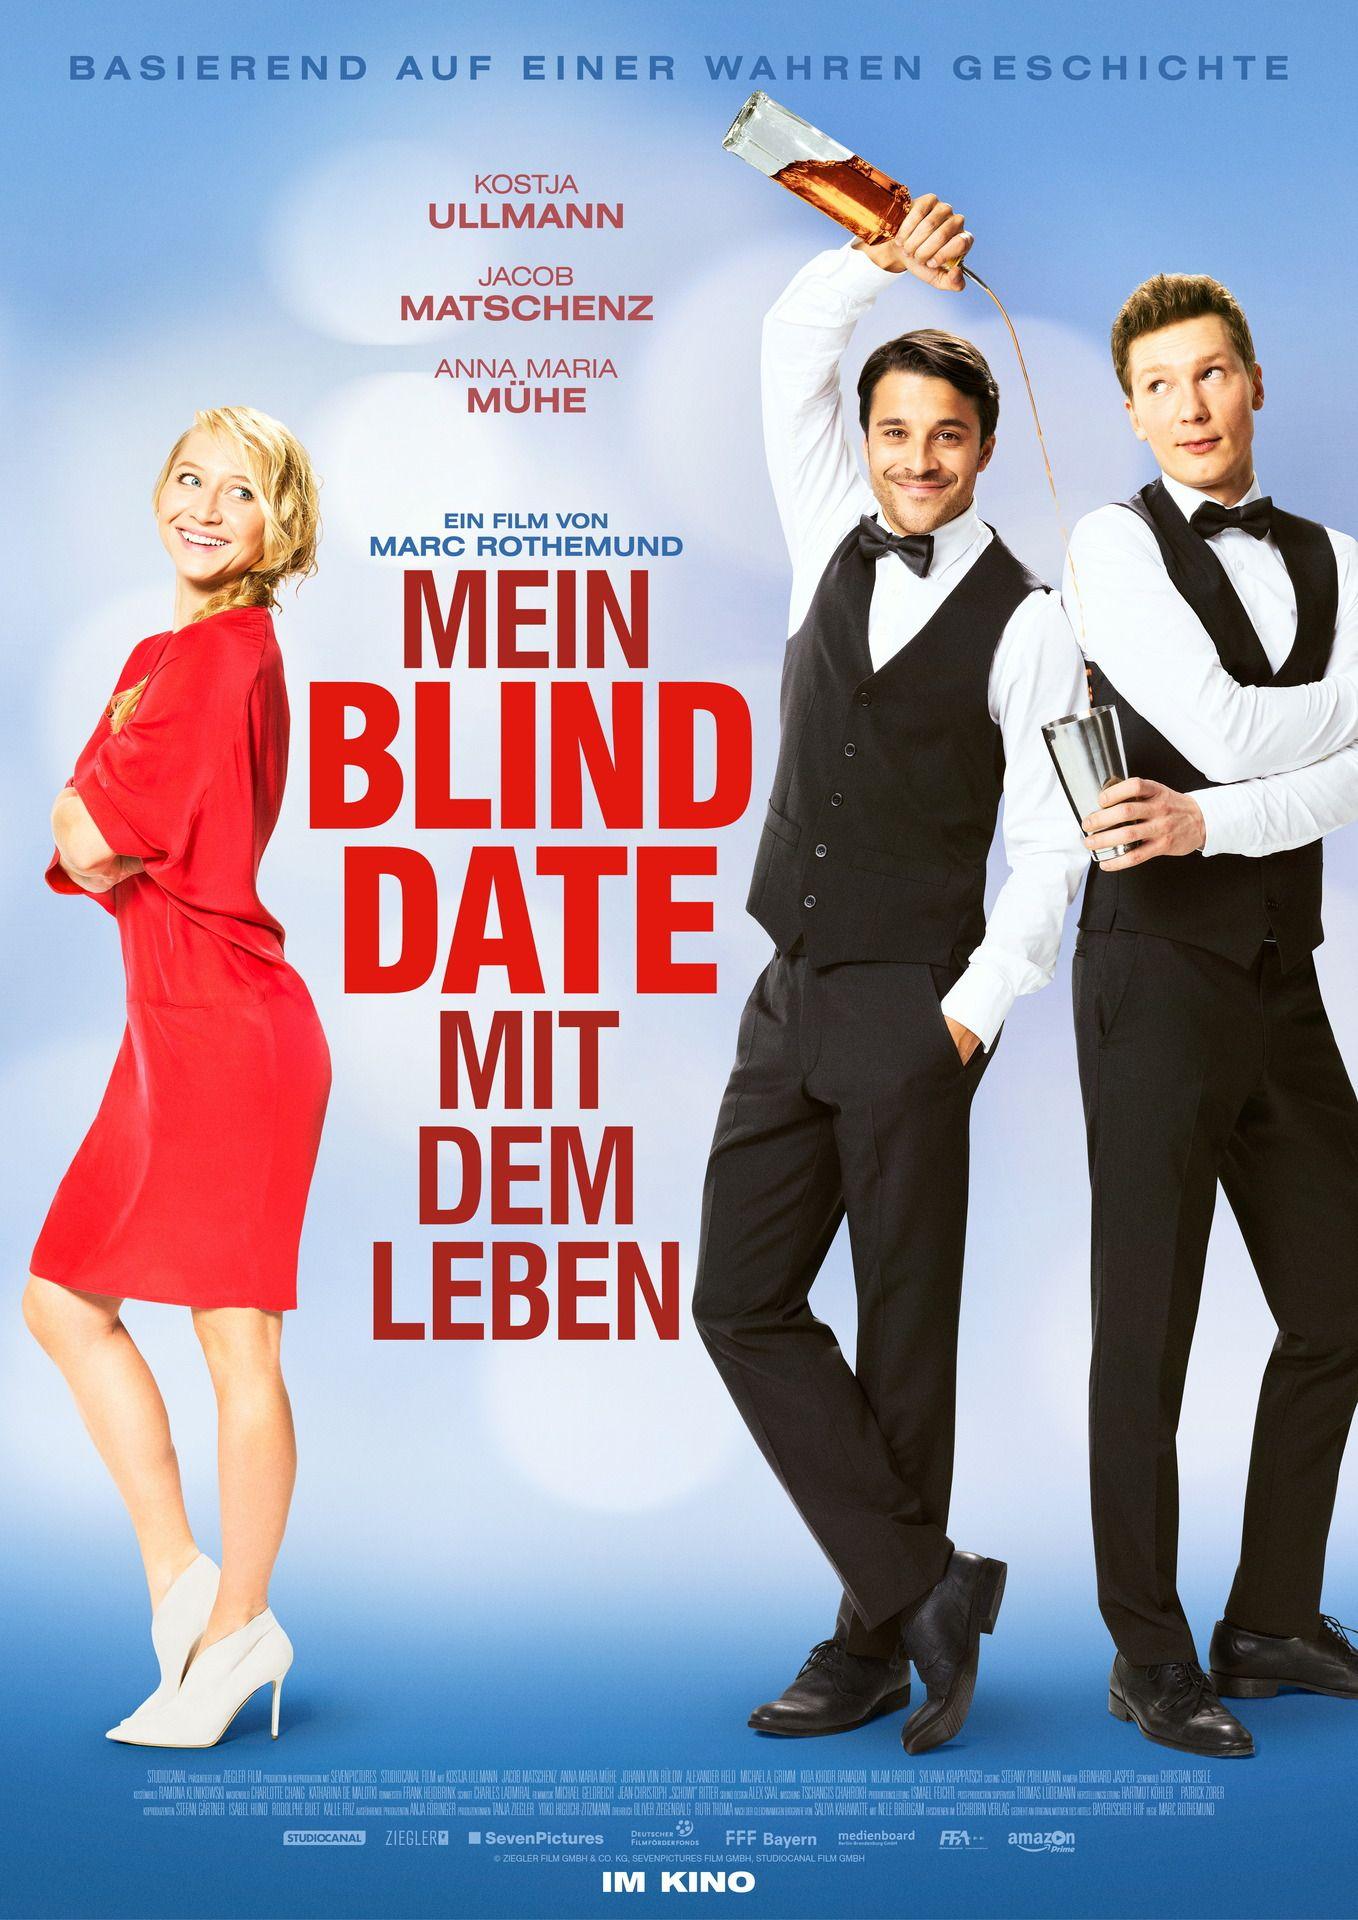 Mein Blind Date Mit Dem Leben Filmposter Mit Kostja Ullmannjacob Matschenz And Anna Maria Muehe Http Ift Tt 2mbuthn Kostja Ullmann Filme Filme Stream